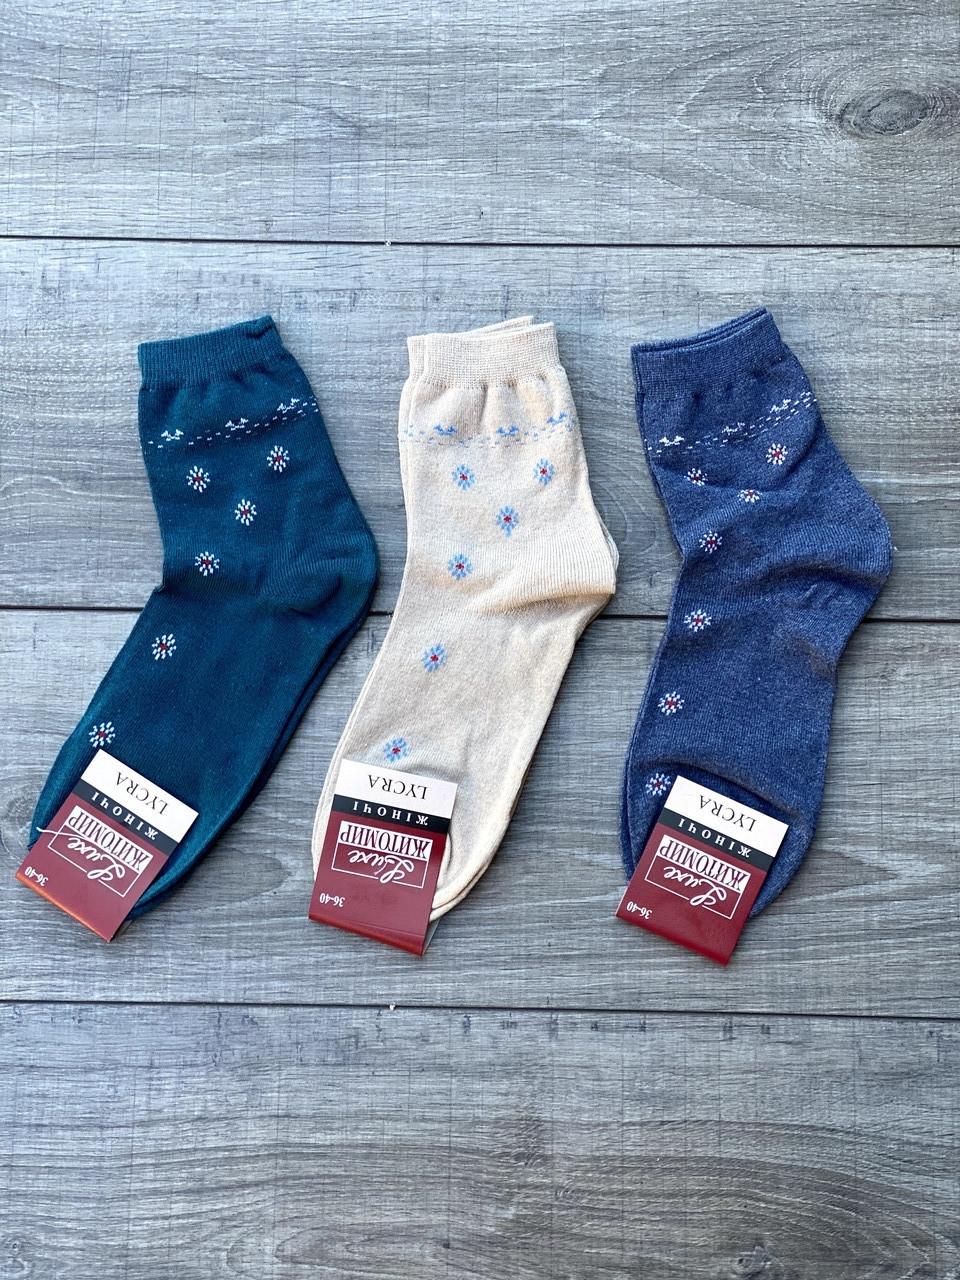 Жіночі носки шкарпетки стрейчеві Житомир Люкс в білий горошок 36-40  12 шт в уп асорті 3-ох кол